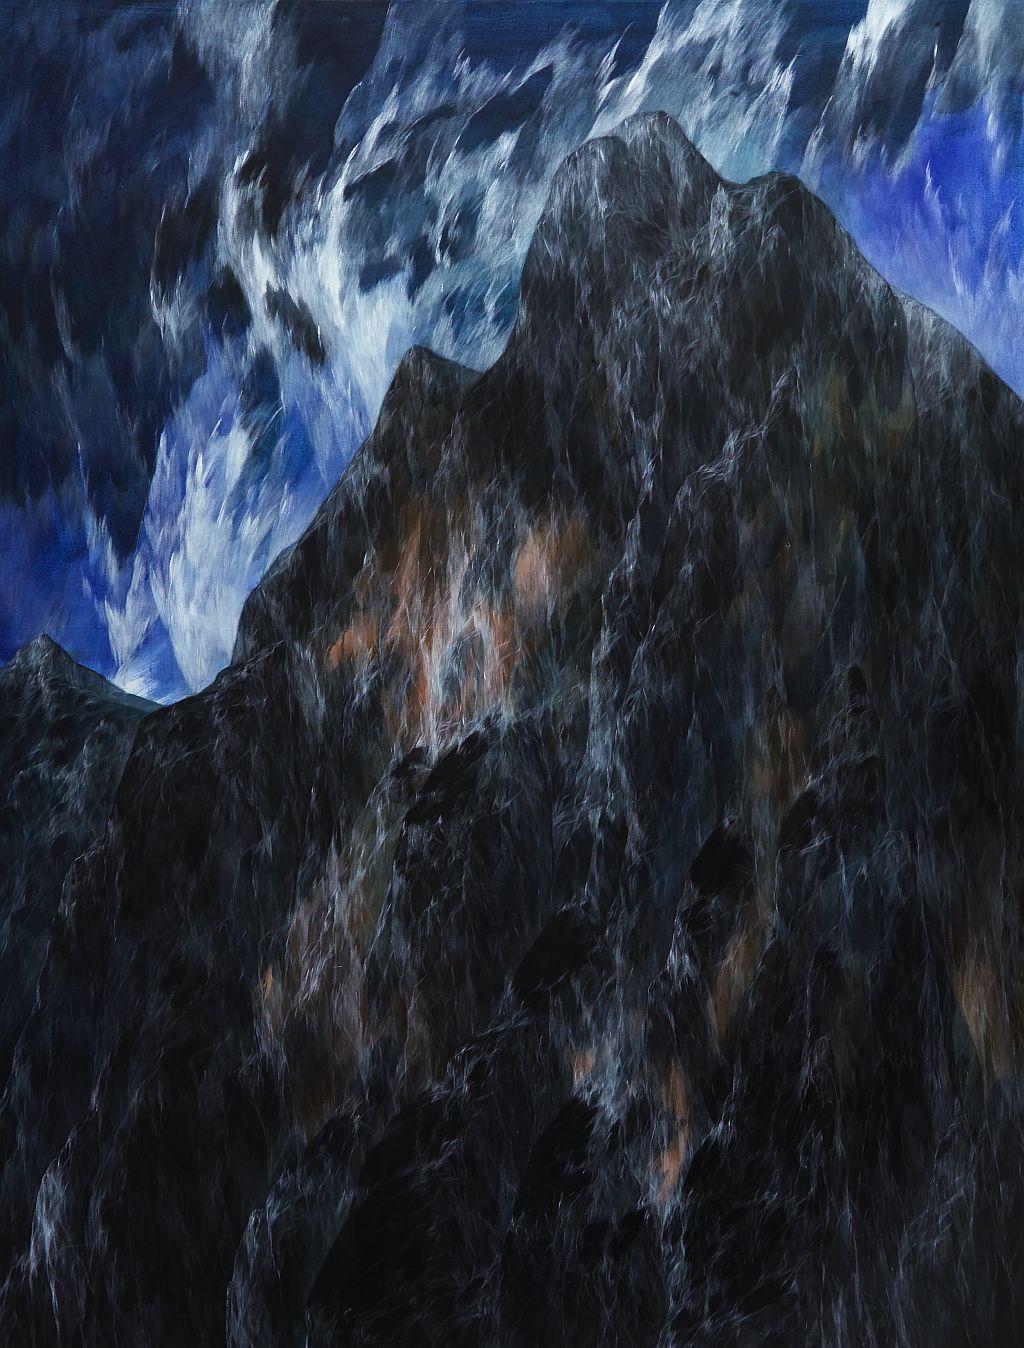 Josef Taucher, Zwielicht 6, 2004, Öl/Molino, 200 x 150 cm, Foto: W. Krug